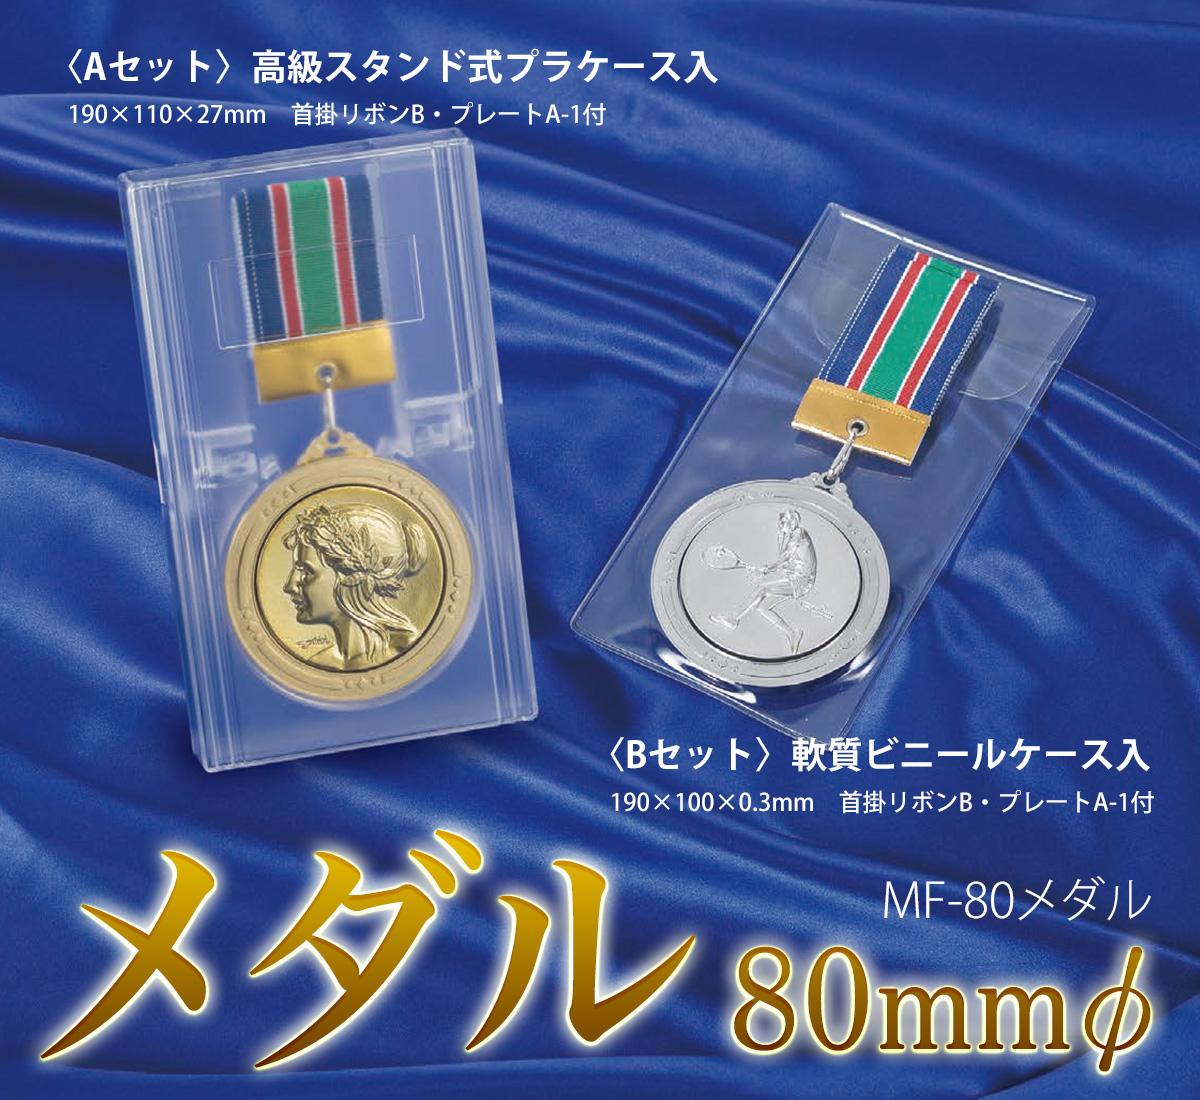 メダル 80mmφ MFメダル画像